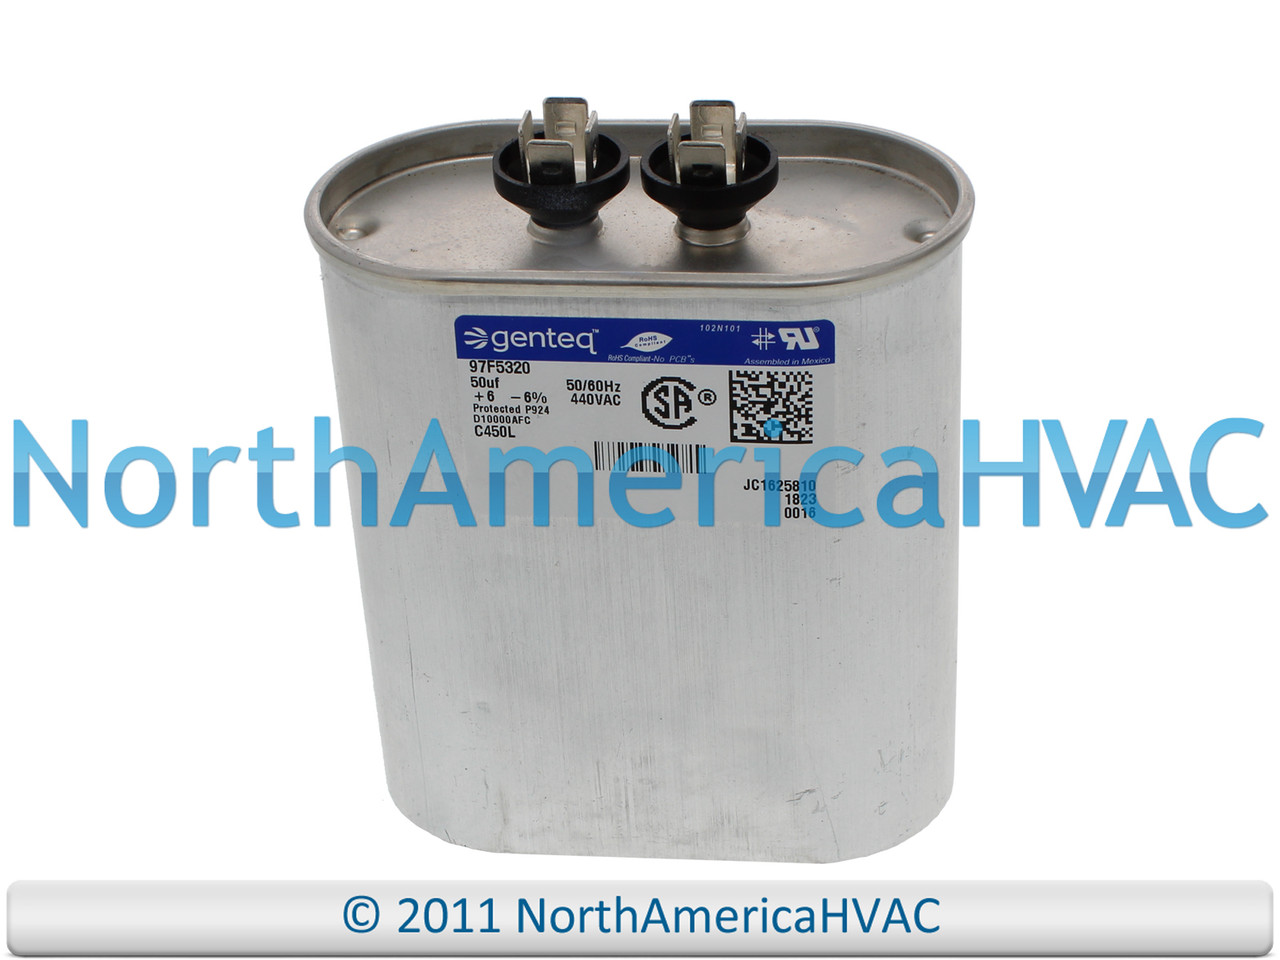 Genteq  97f5320  50 uf  440 VAC • oval  Run Capacitor c450l  97f5320 new